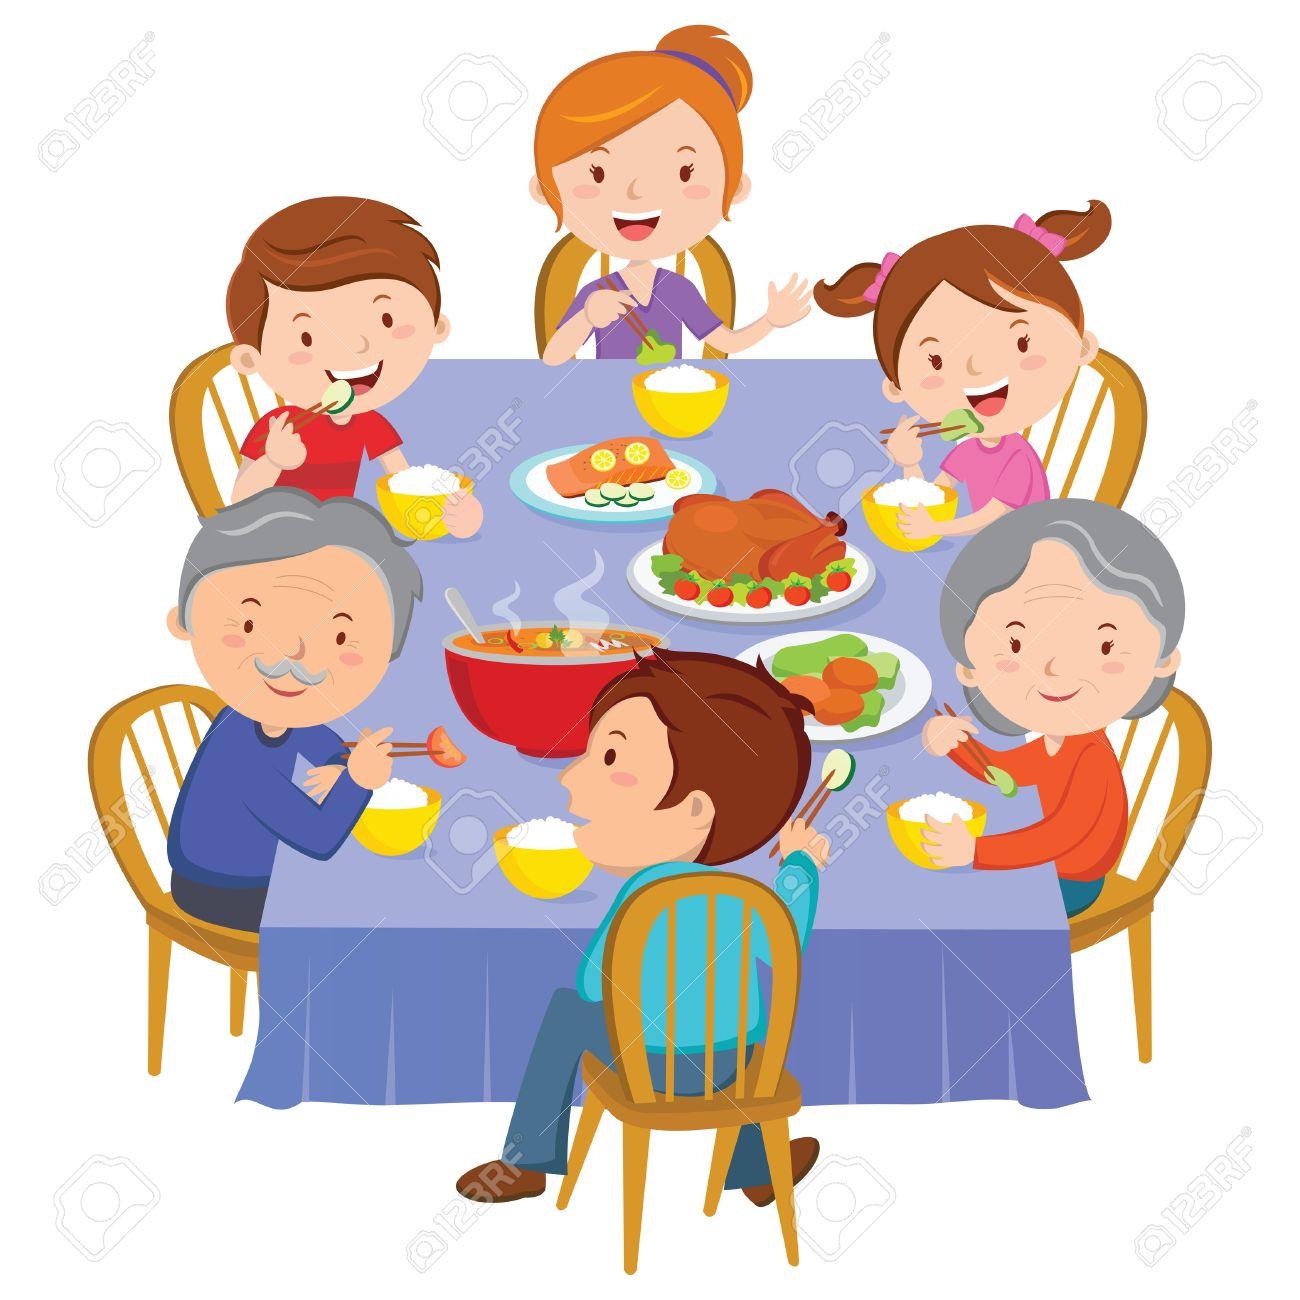 Family dinner. Happy extended family having dinner. - 66571791